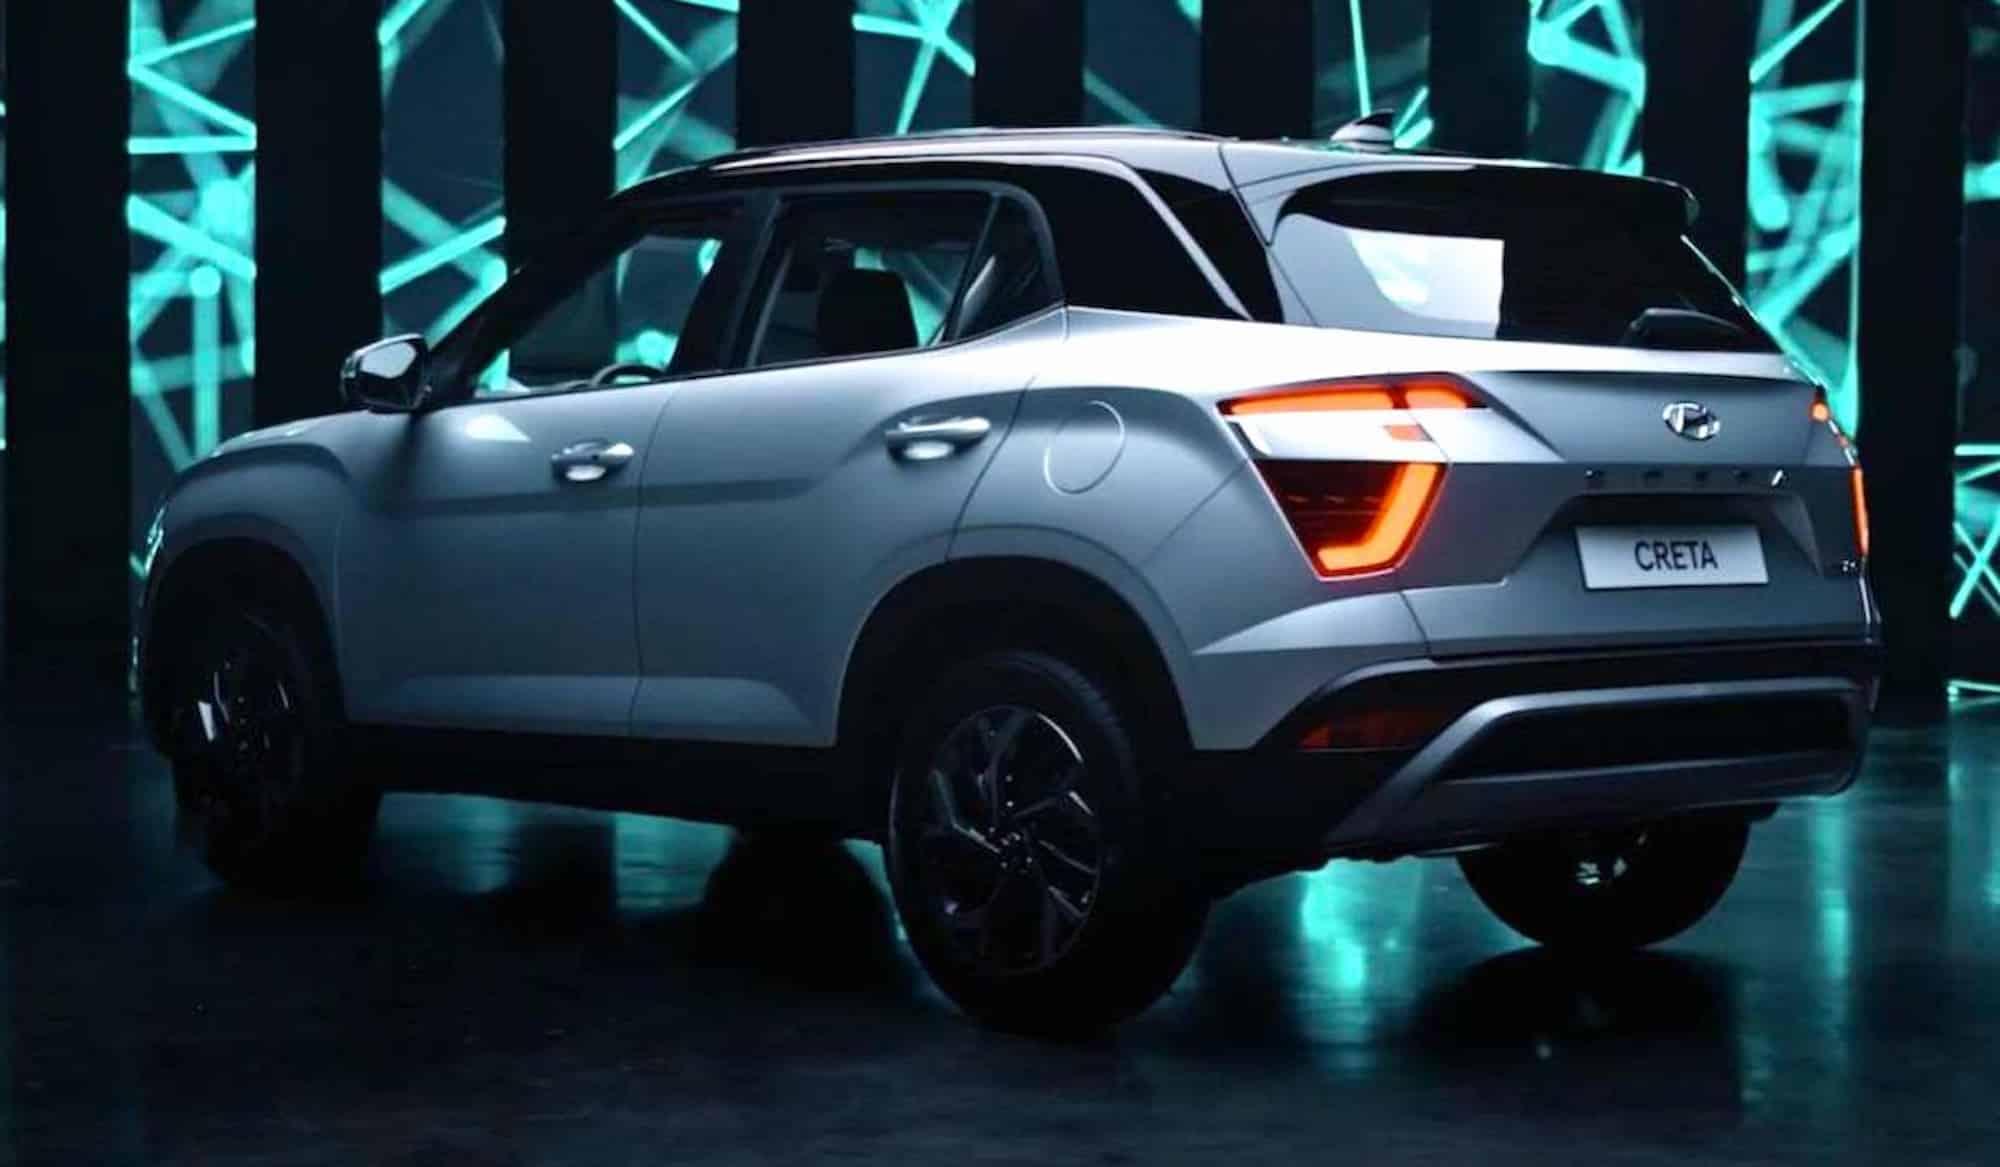 New Hyundai Creta Brazil Launch